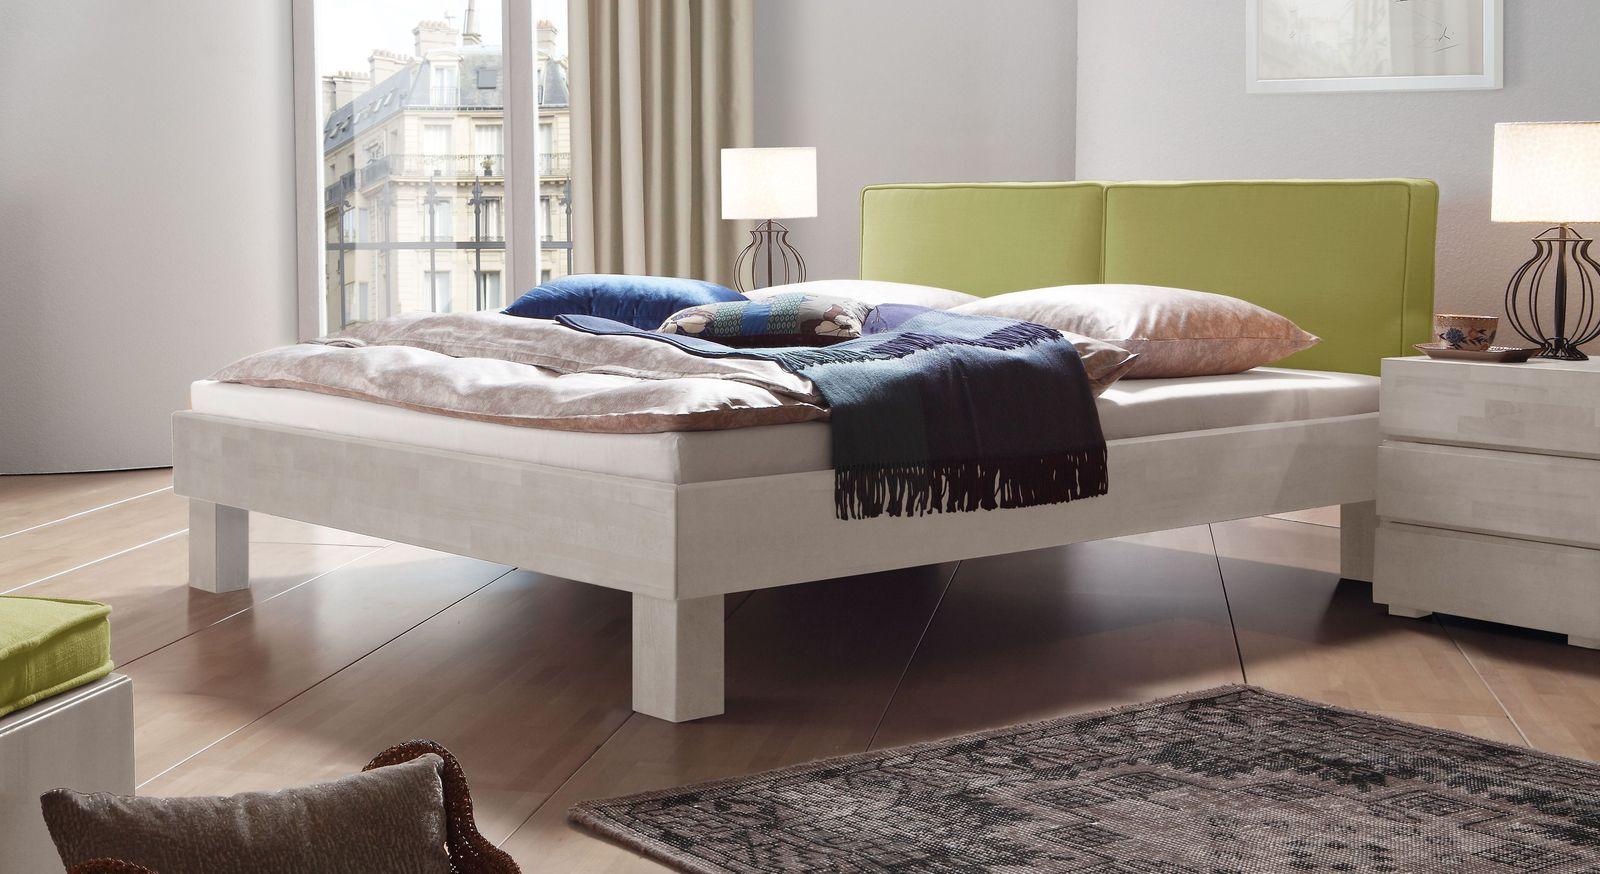 Bett weiss 180x200 preisvergleich die besten angebote online kaufen - Modernes bett 180x200 ...